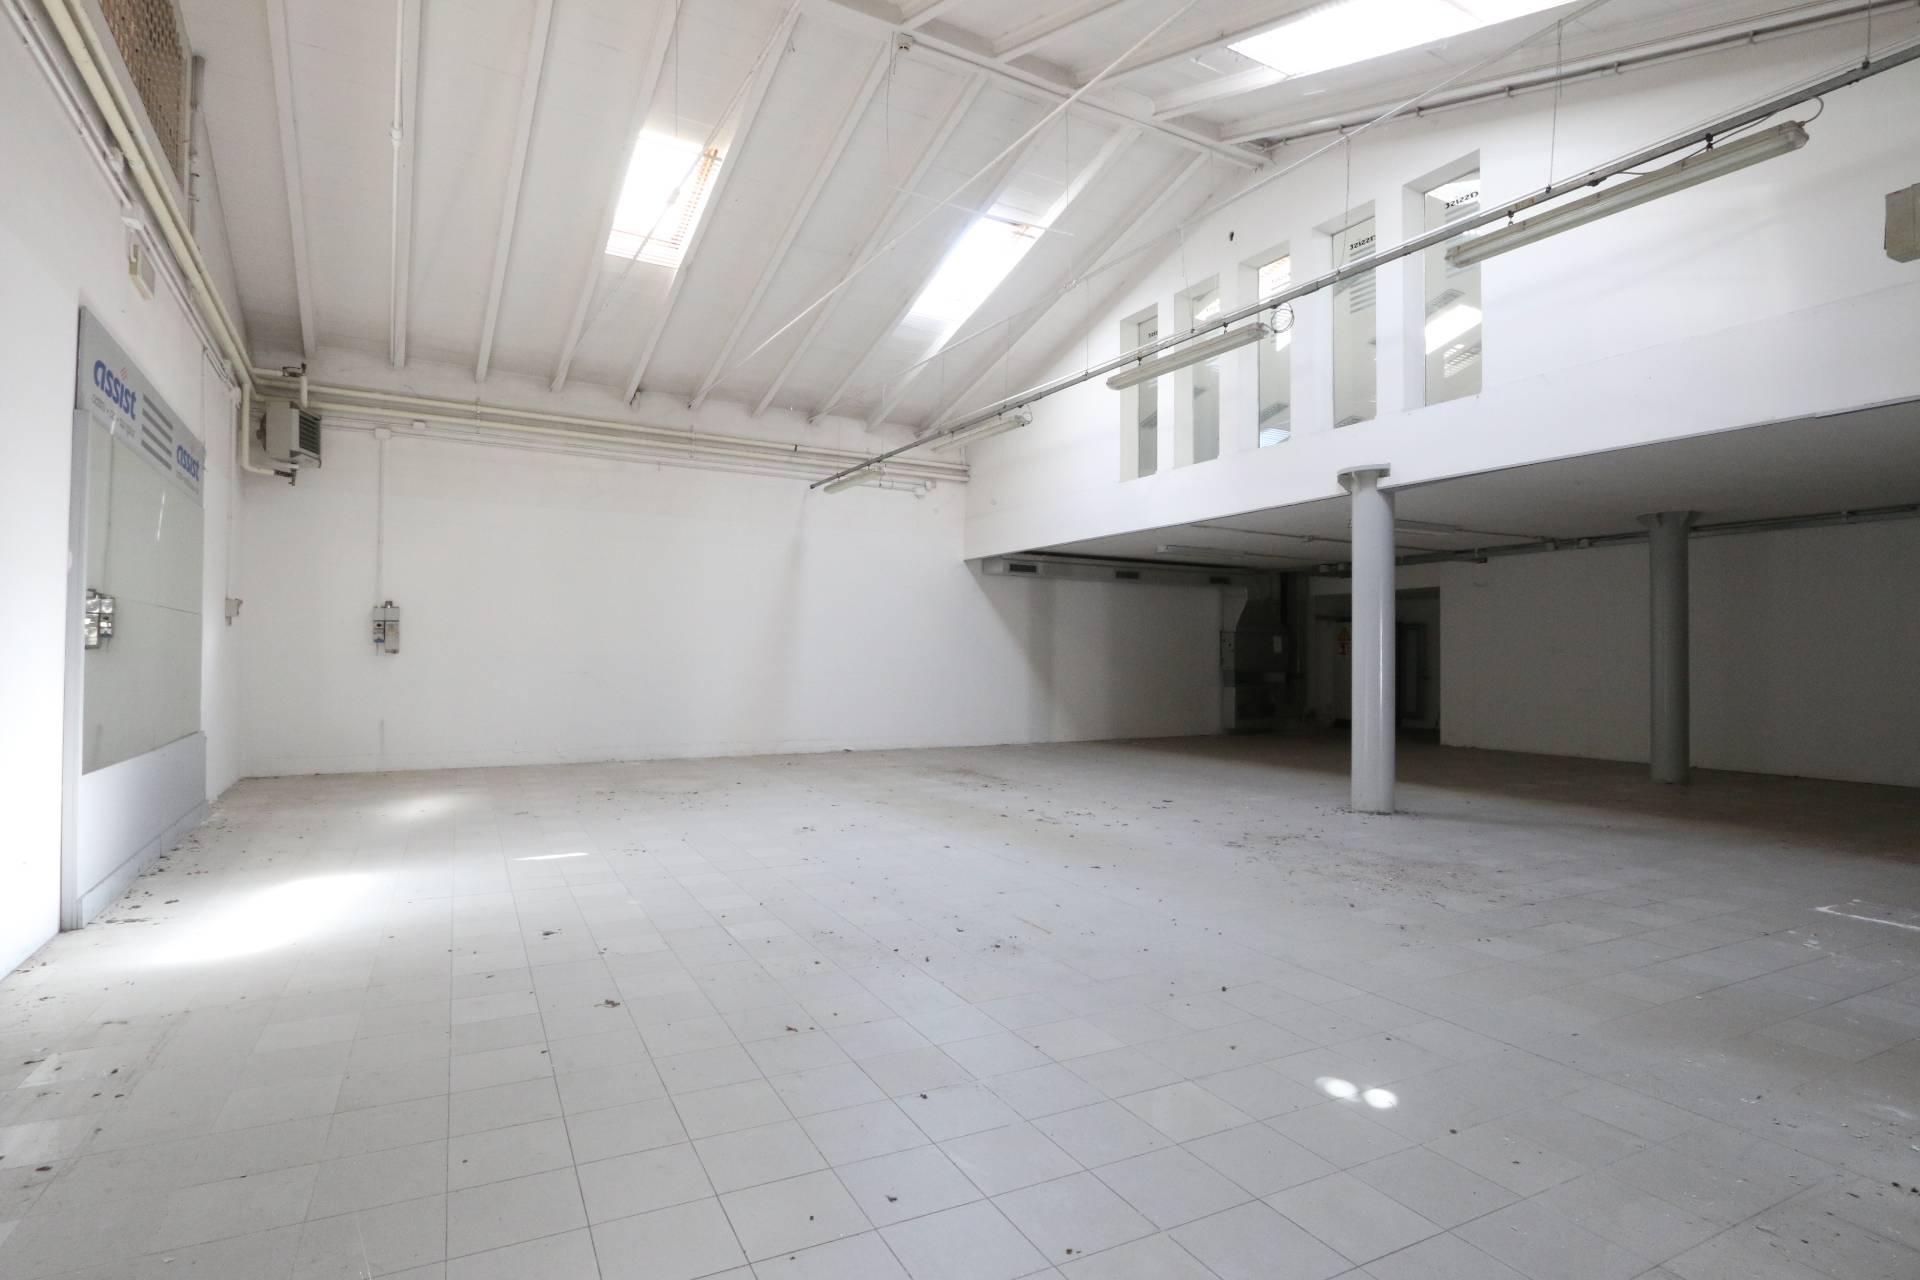 Negozio / Locale in vendita a Legnago, 9999 locali, prezzo € 260.000 | PortaleAgenzieImmobiliari.it